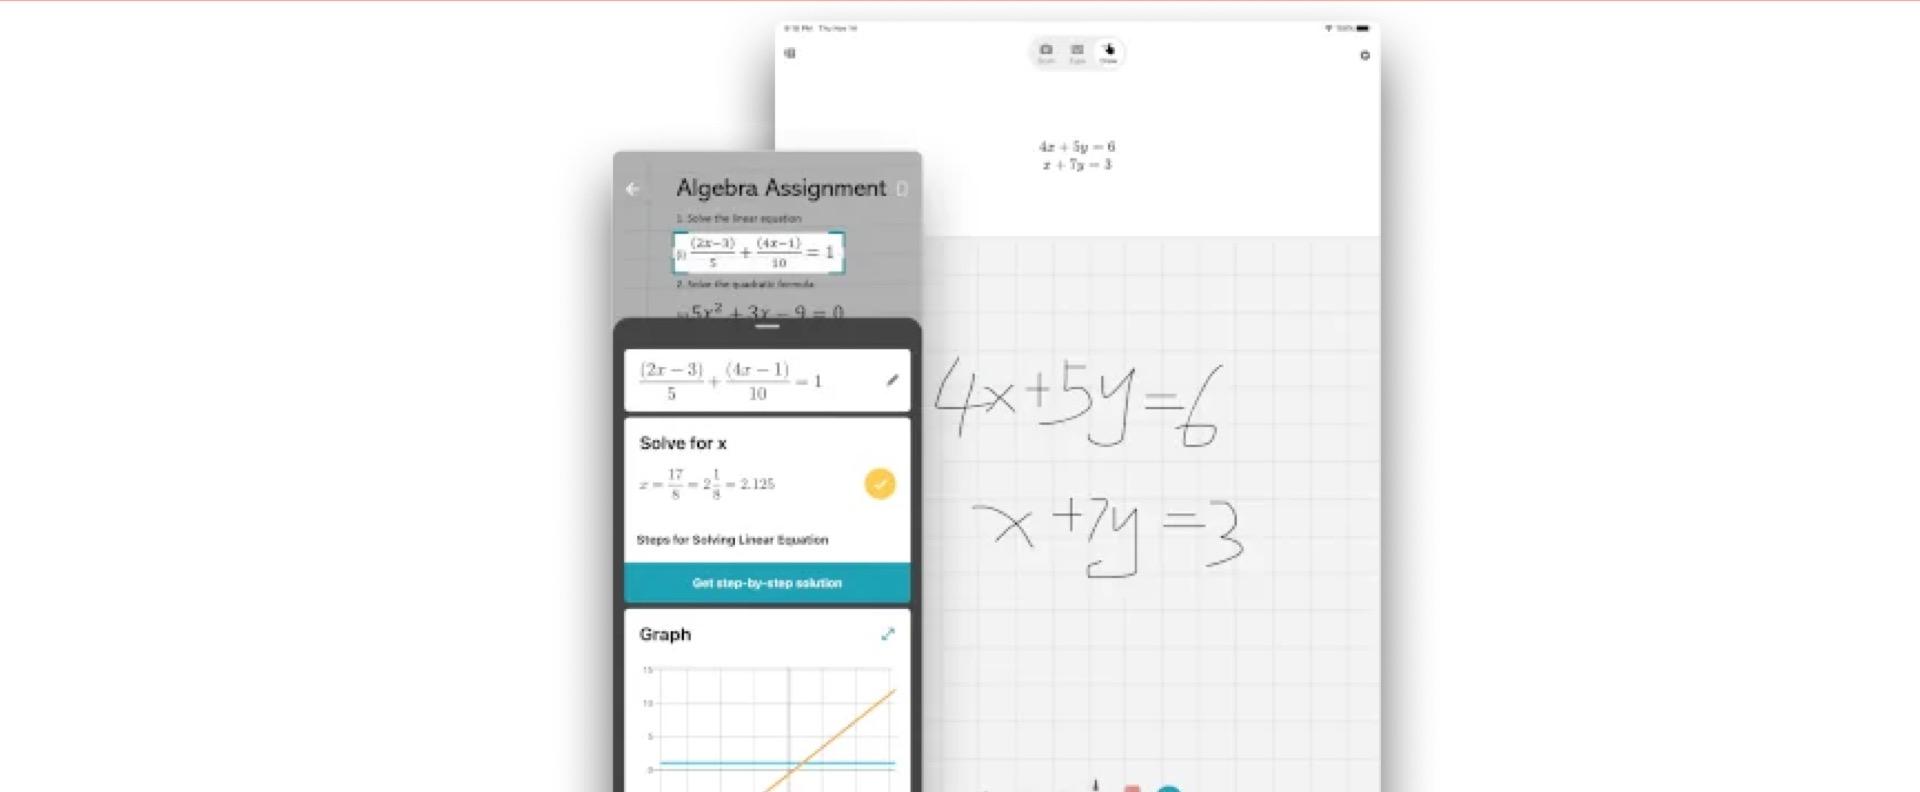 Aplikazio hauek matematiketan lagunduko dute.  Apuntatu kamera ekuaziora irtenbidea ikusteko